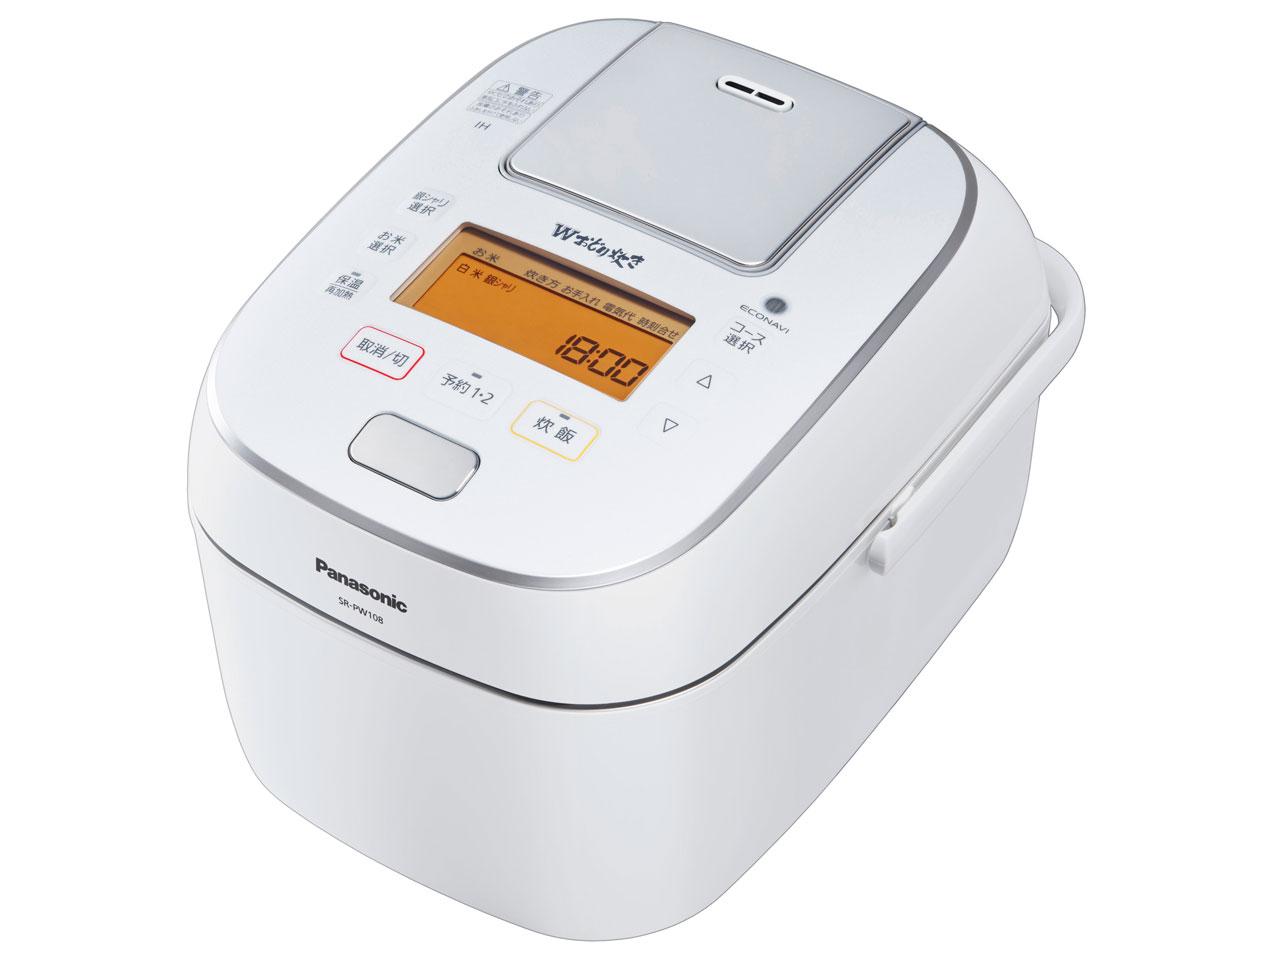 【お取り寄せ】パナソニック(Panasonic)可変圧力IH炊飯ジャー 「Wおどり炊き」(5.5合) ホワイト|SR-PW108-W